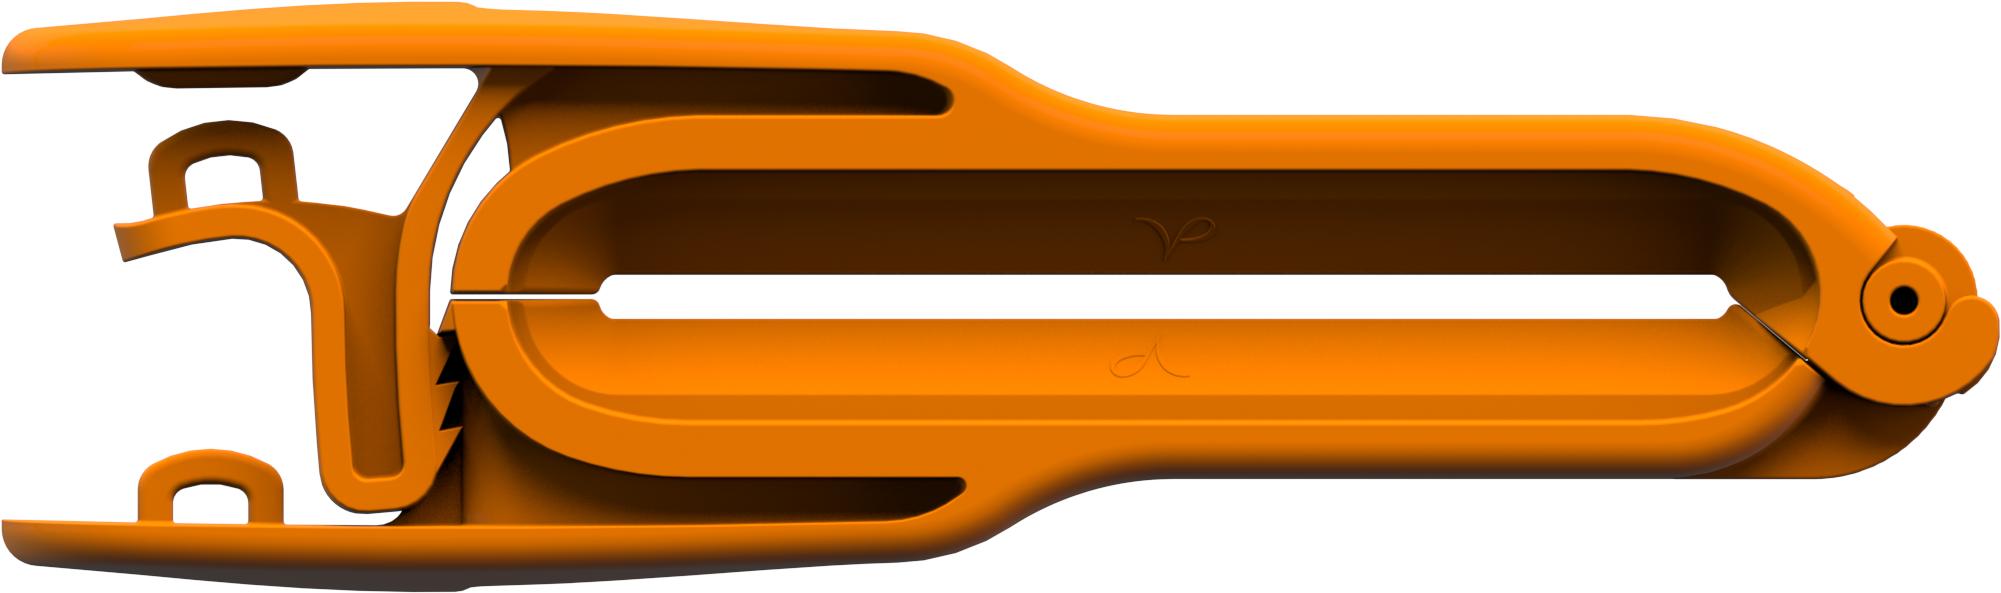 CPT110-U706